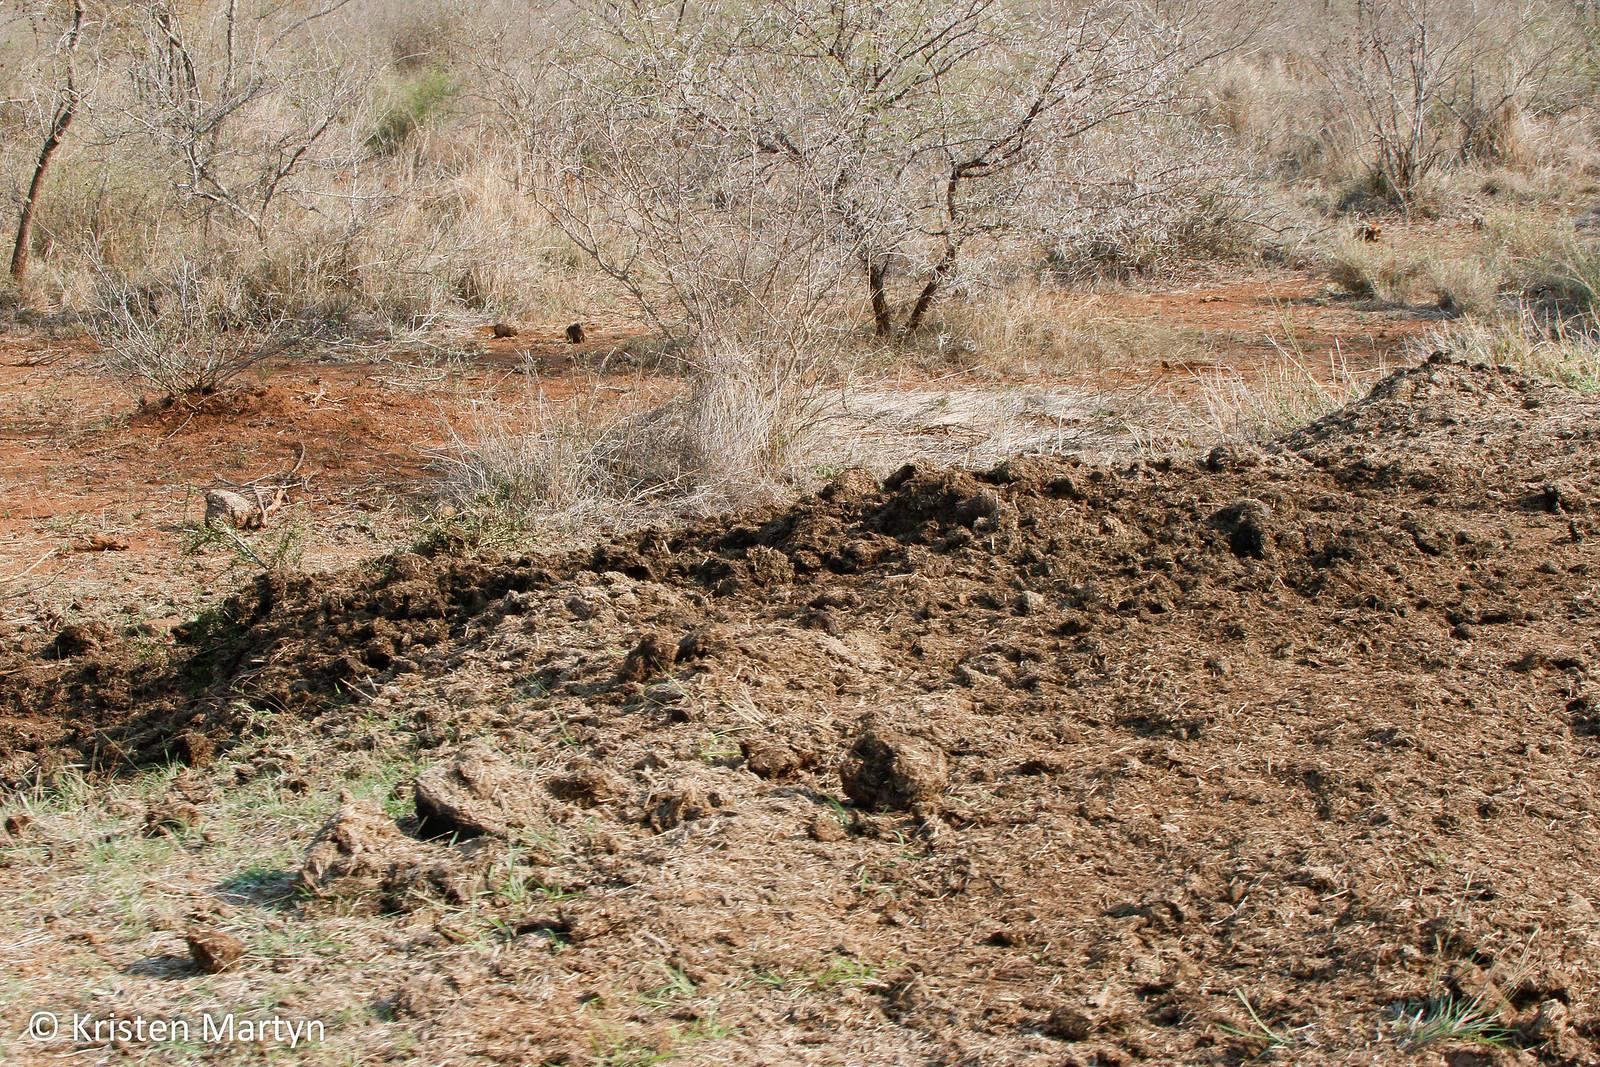 Rhinoceros Midden